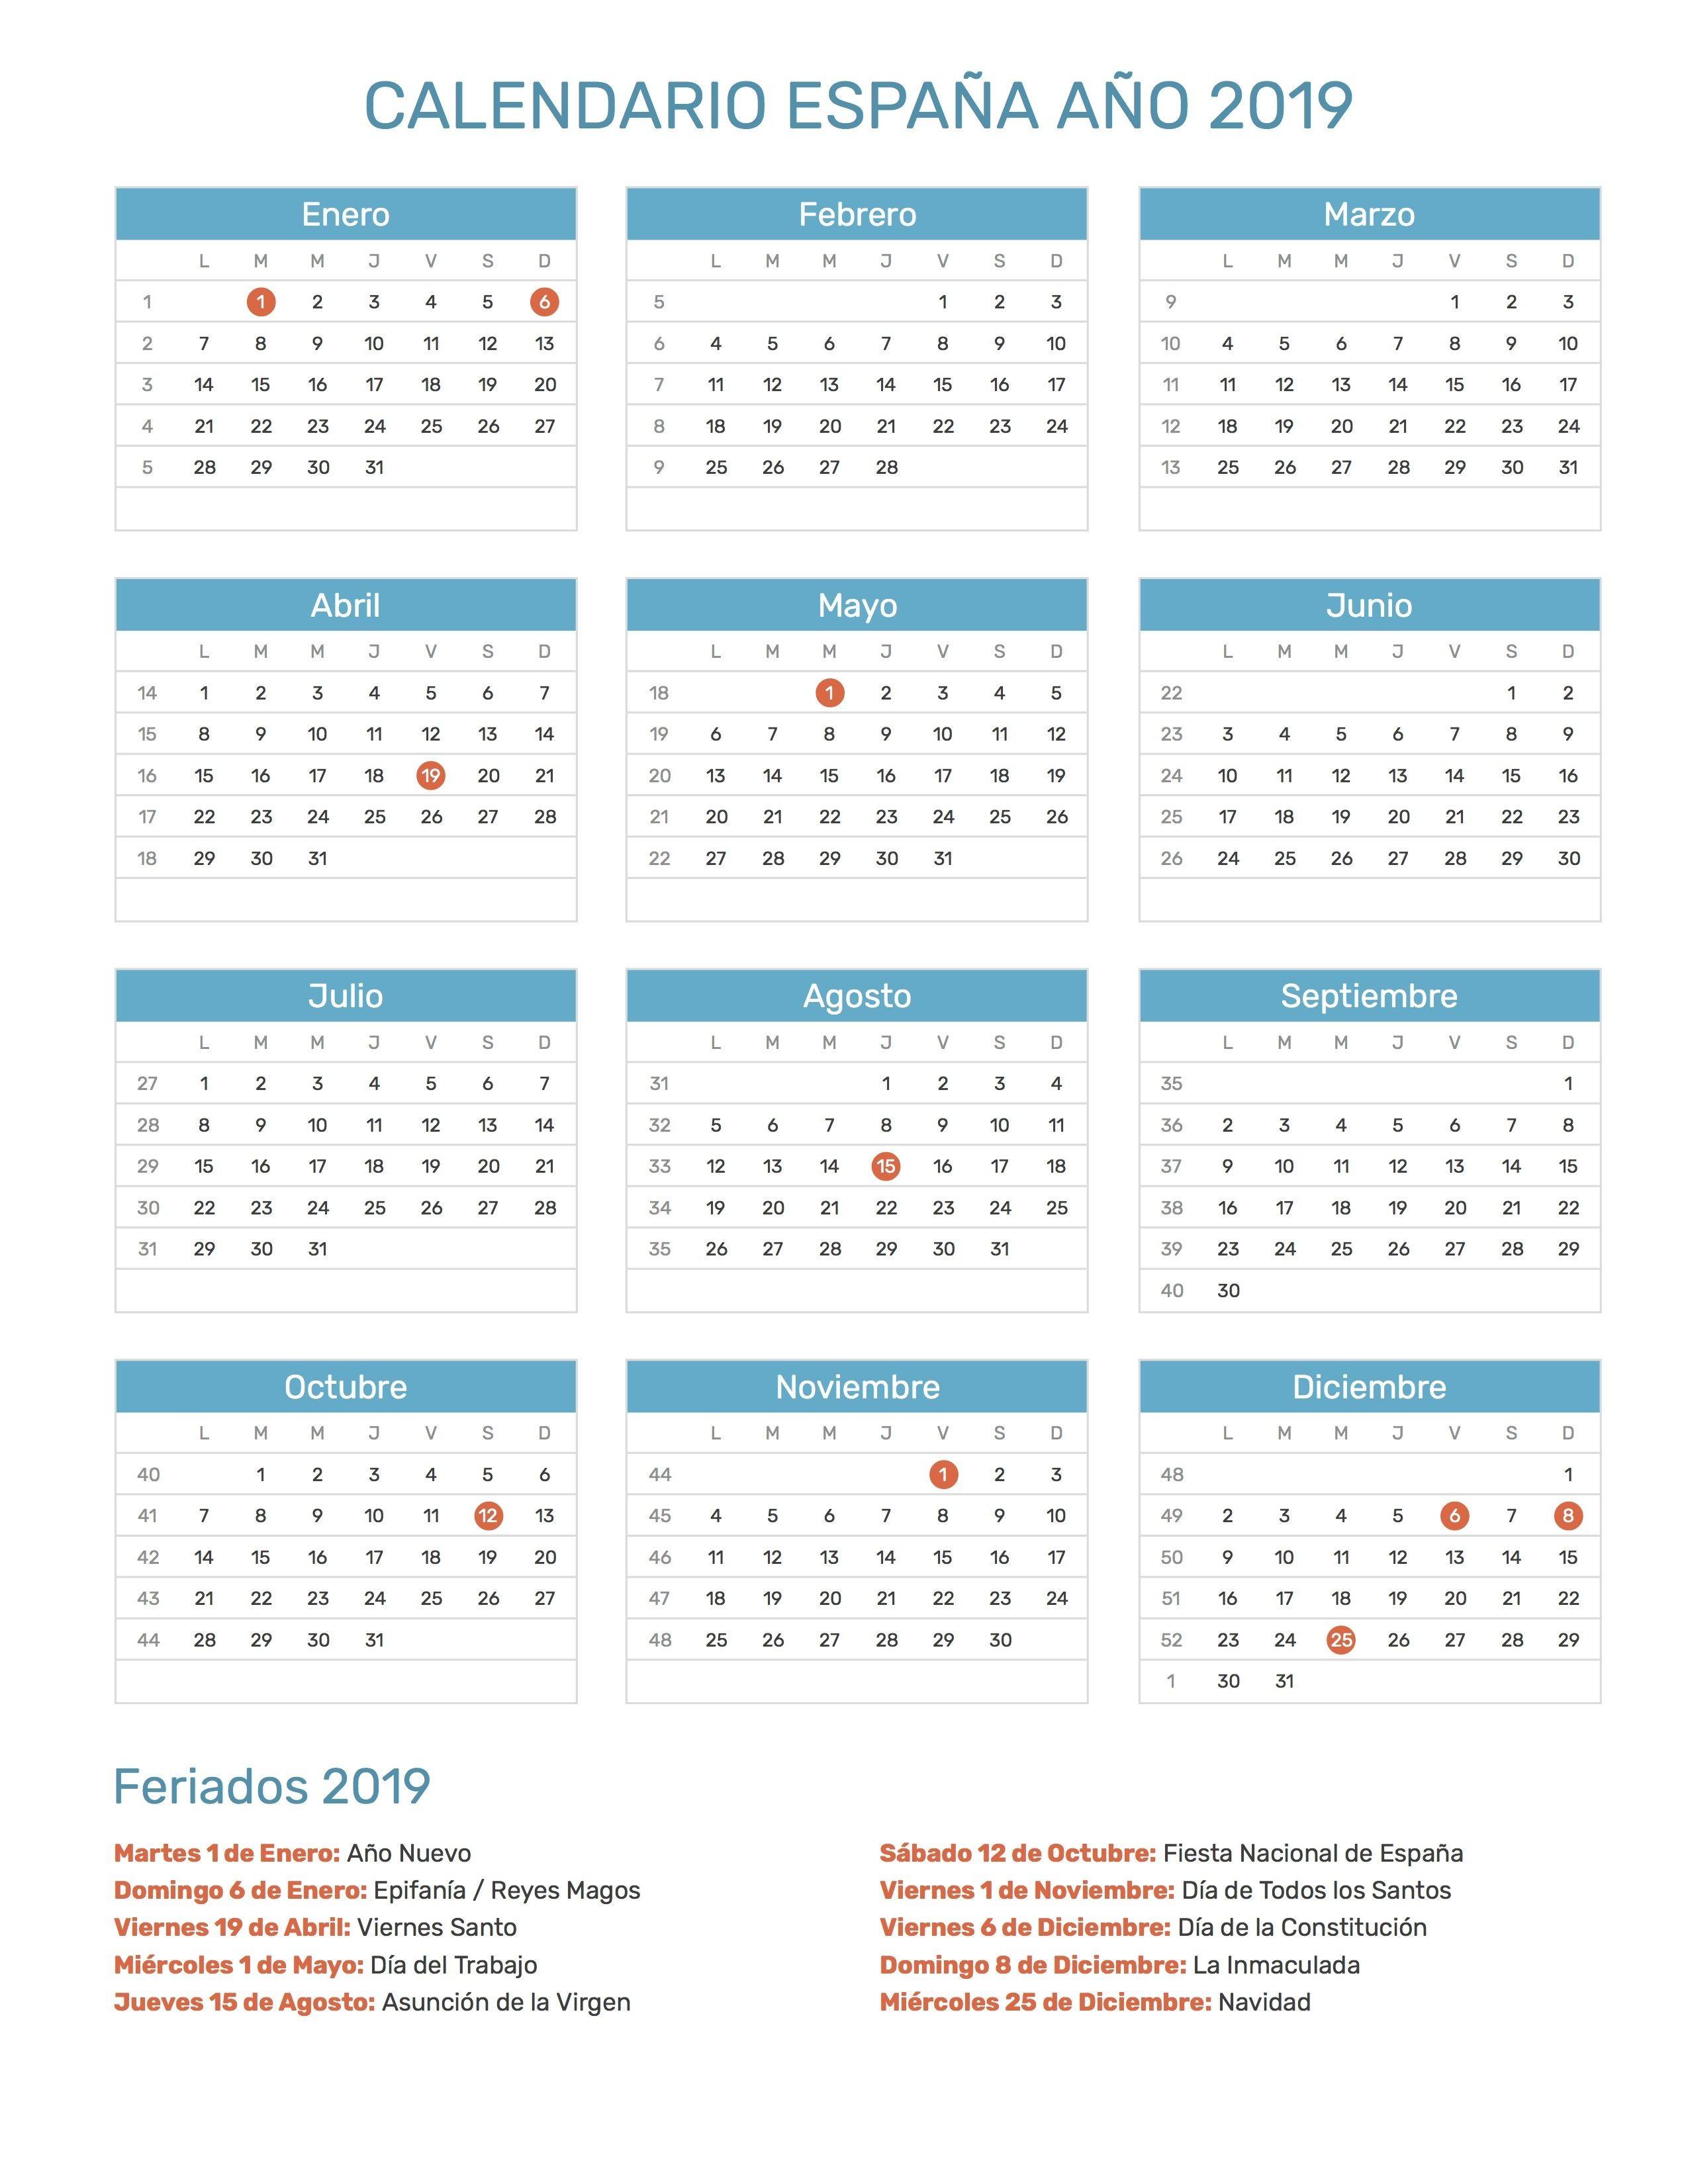 Pin de Calendario Hispano en Calendario con feriados aıo 2019